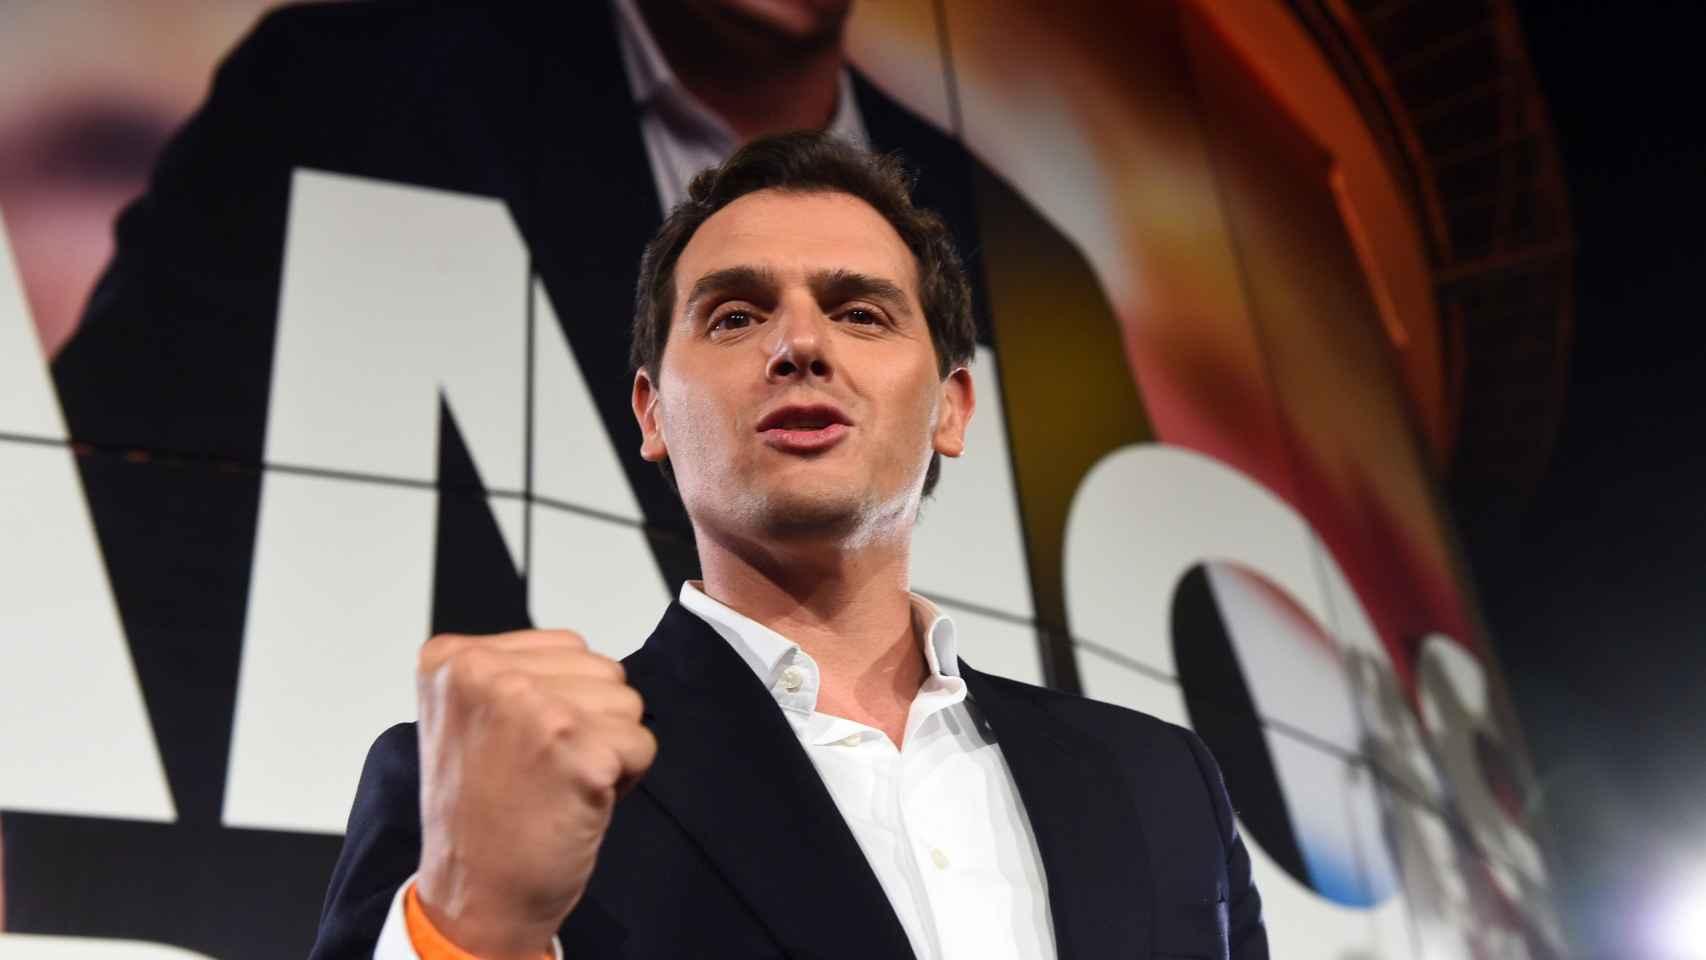 Rivera celebrando los resultados de las elecciones.